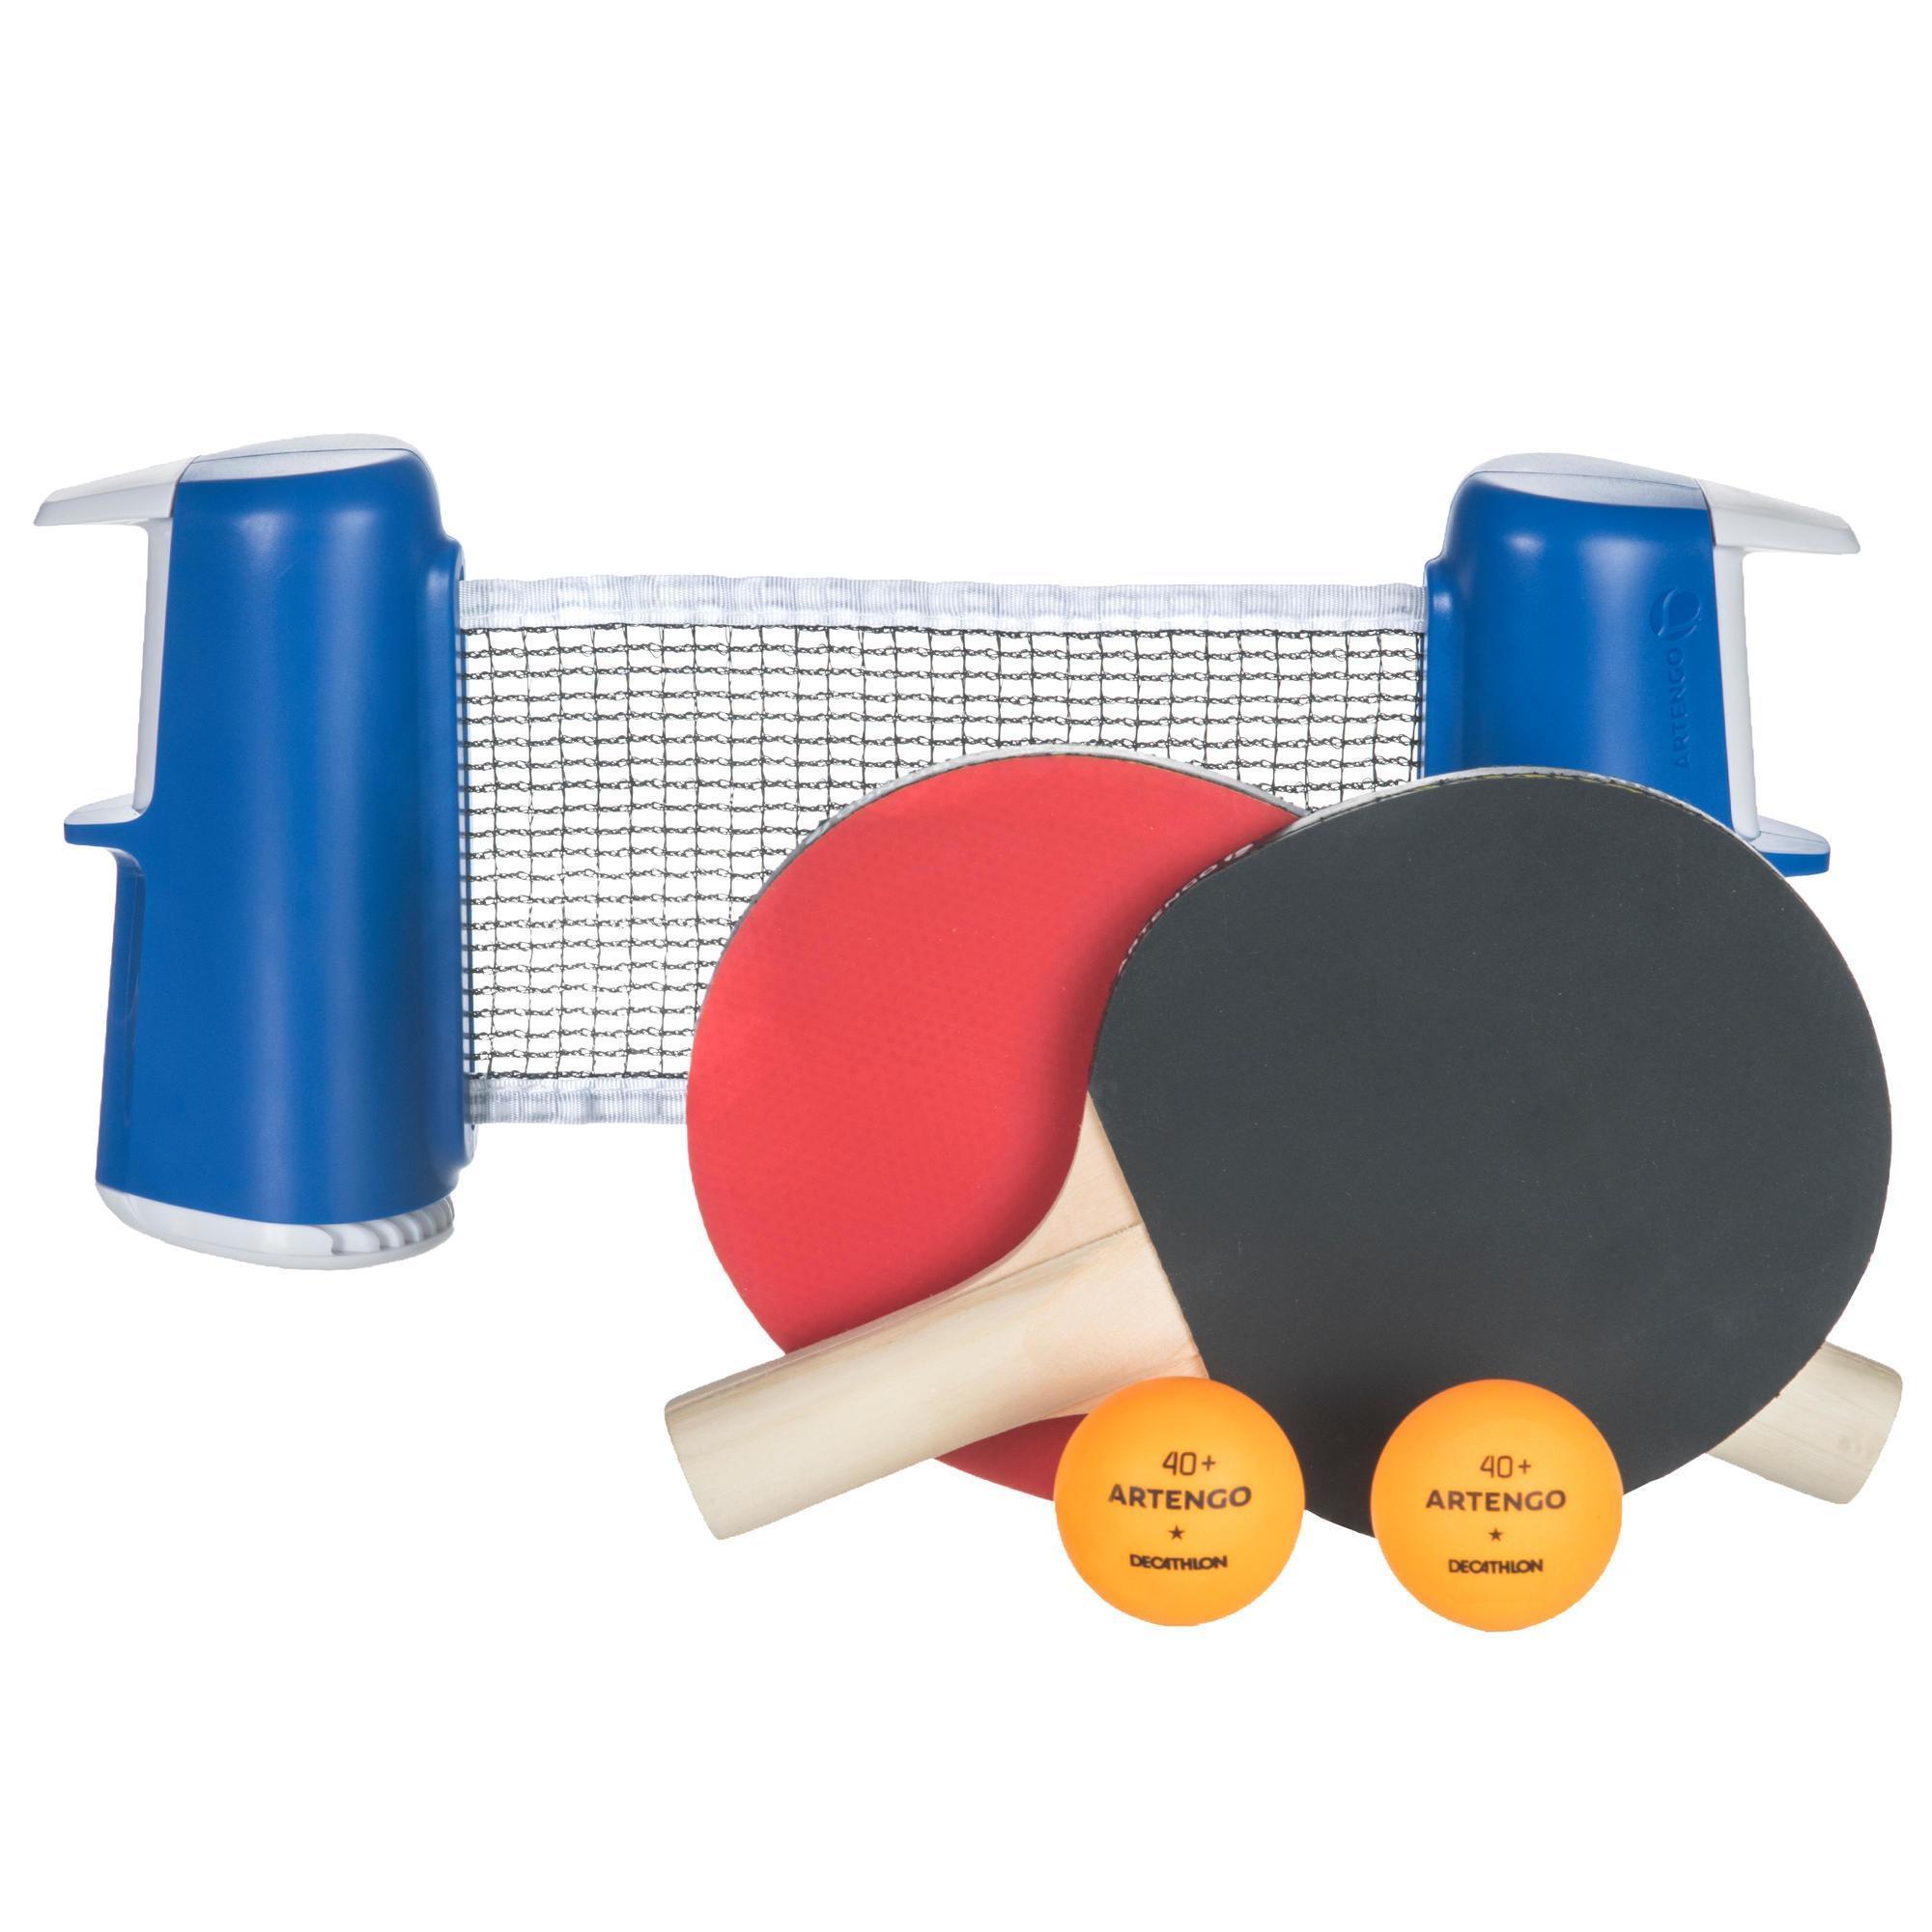 2fd282c97 Comprar Rollnet y juegos de ping pong online